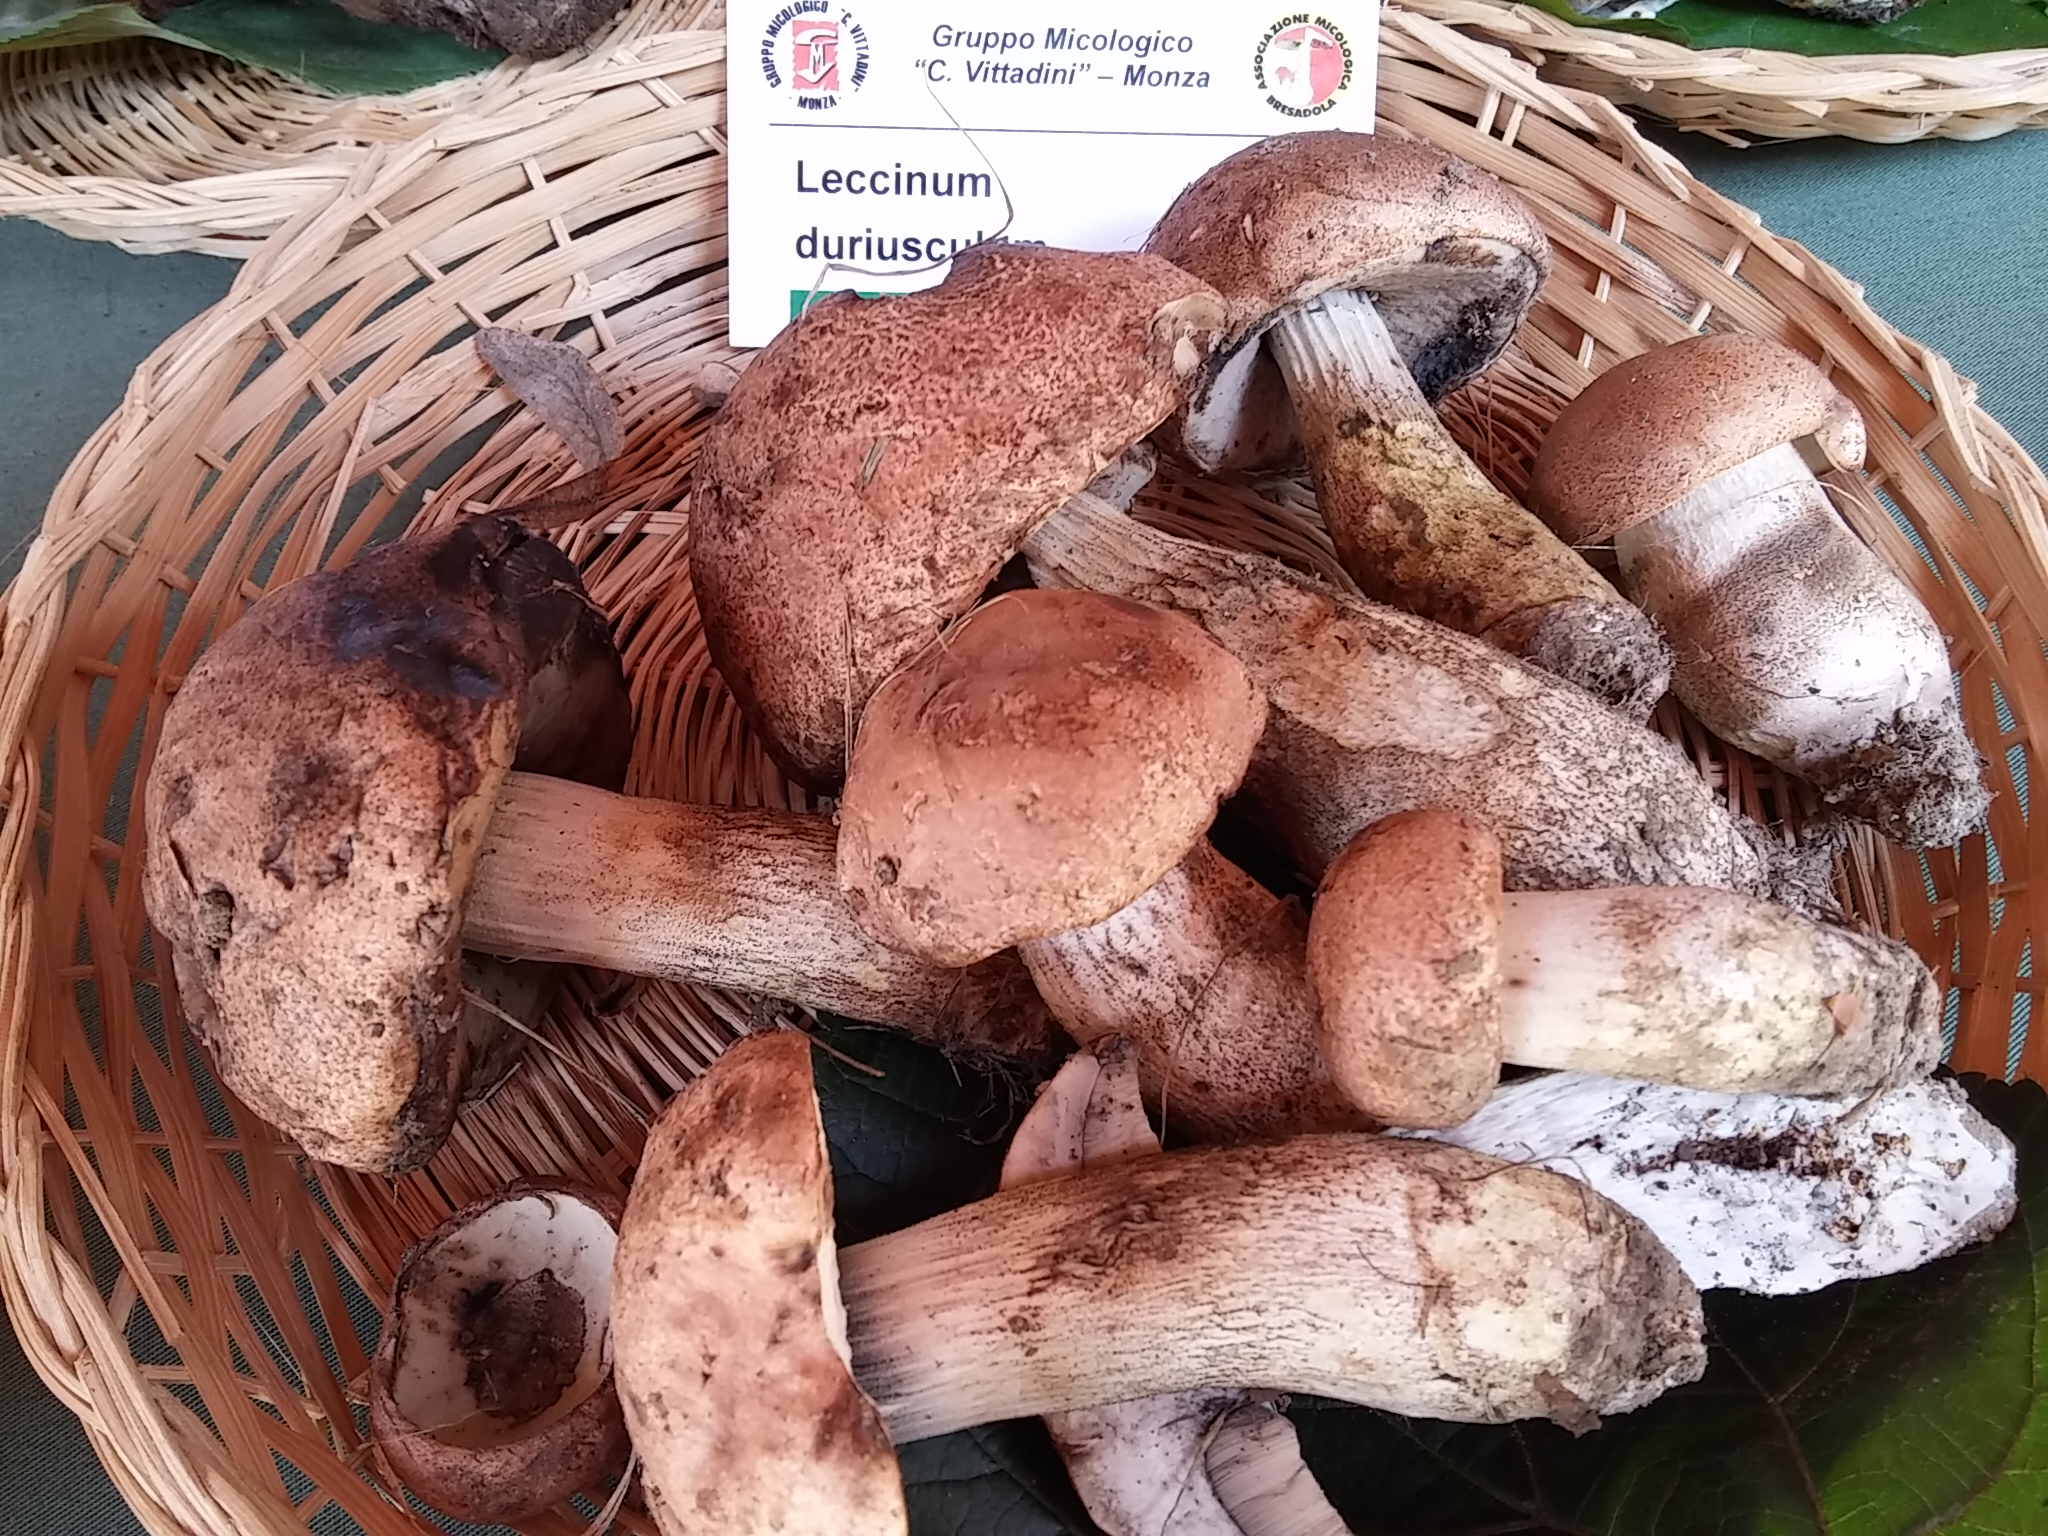 Leccinum duriusculum  (Foto Mauri)